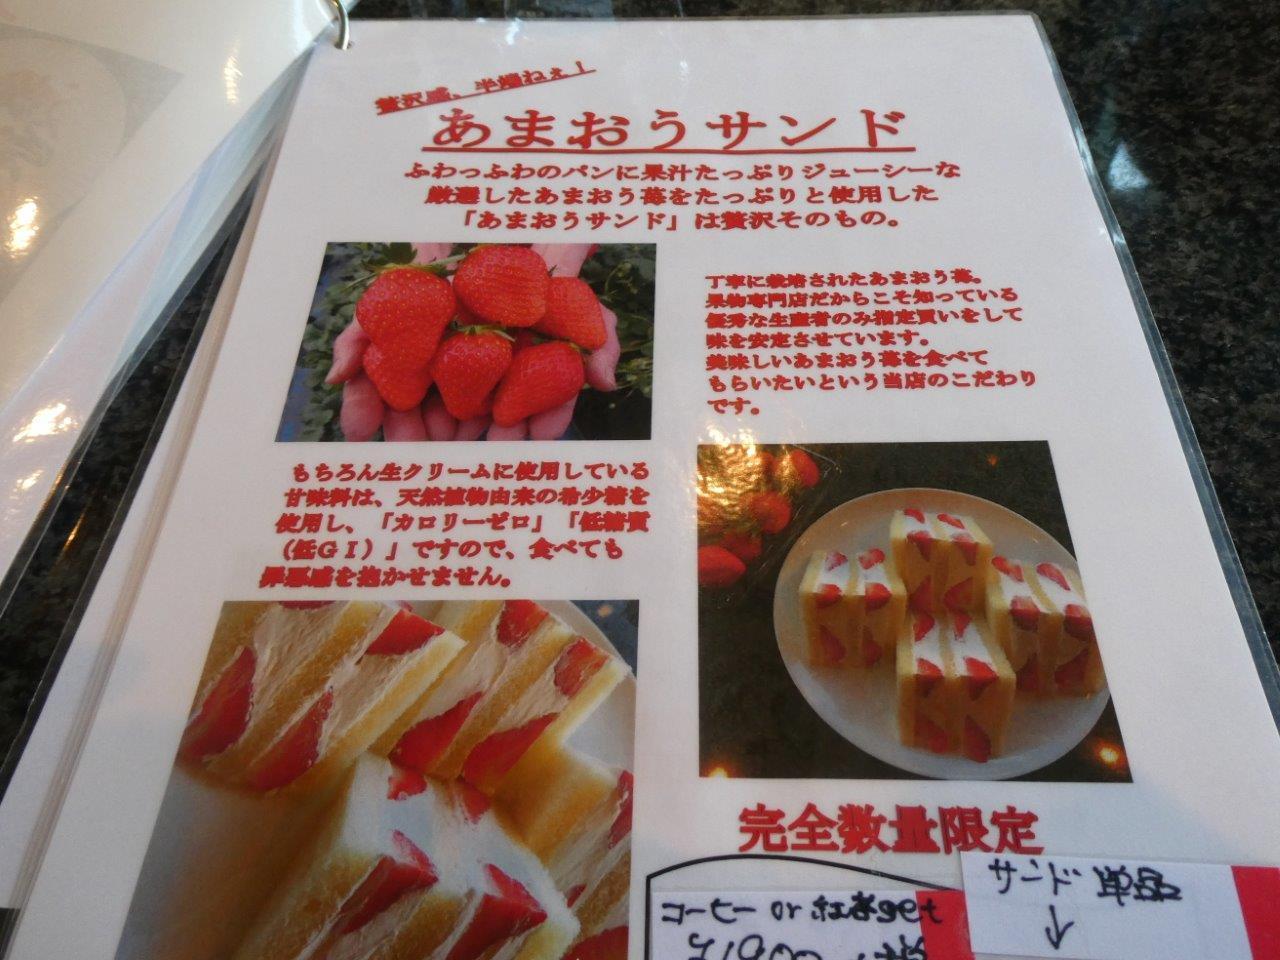 千馬ミヤビ (Miyabi)果物に精通した_d0106134_16004287.jpg